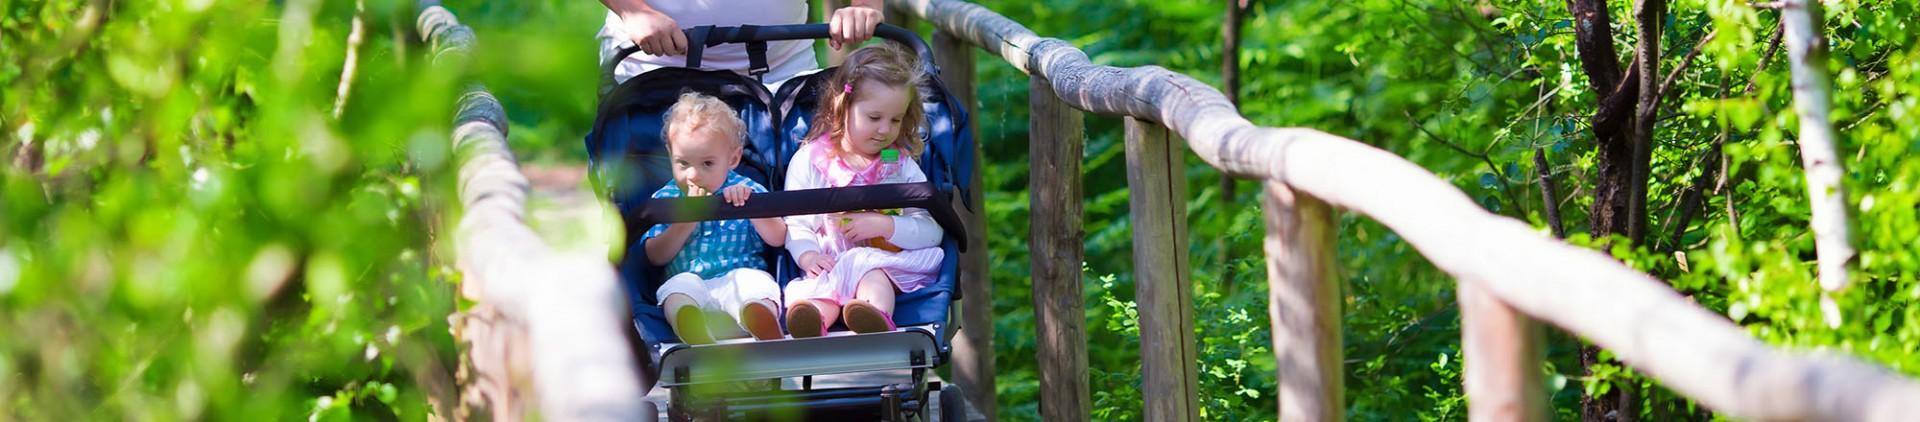 Ideen für Ausflüge mit dem Kinderwagen - Provinz Lüttich